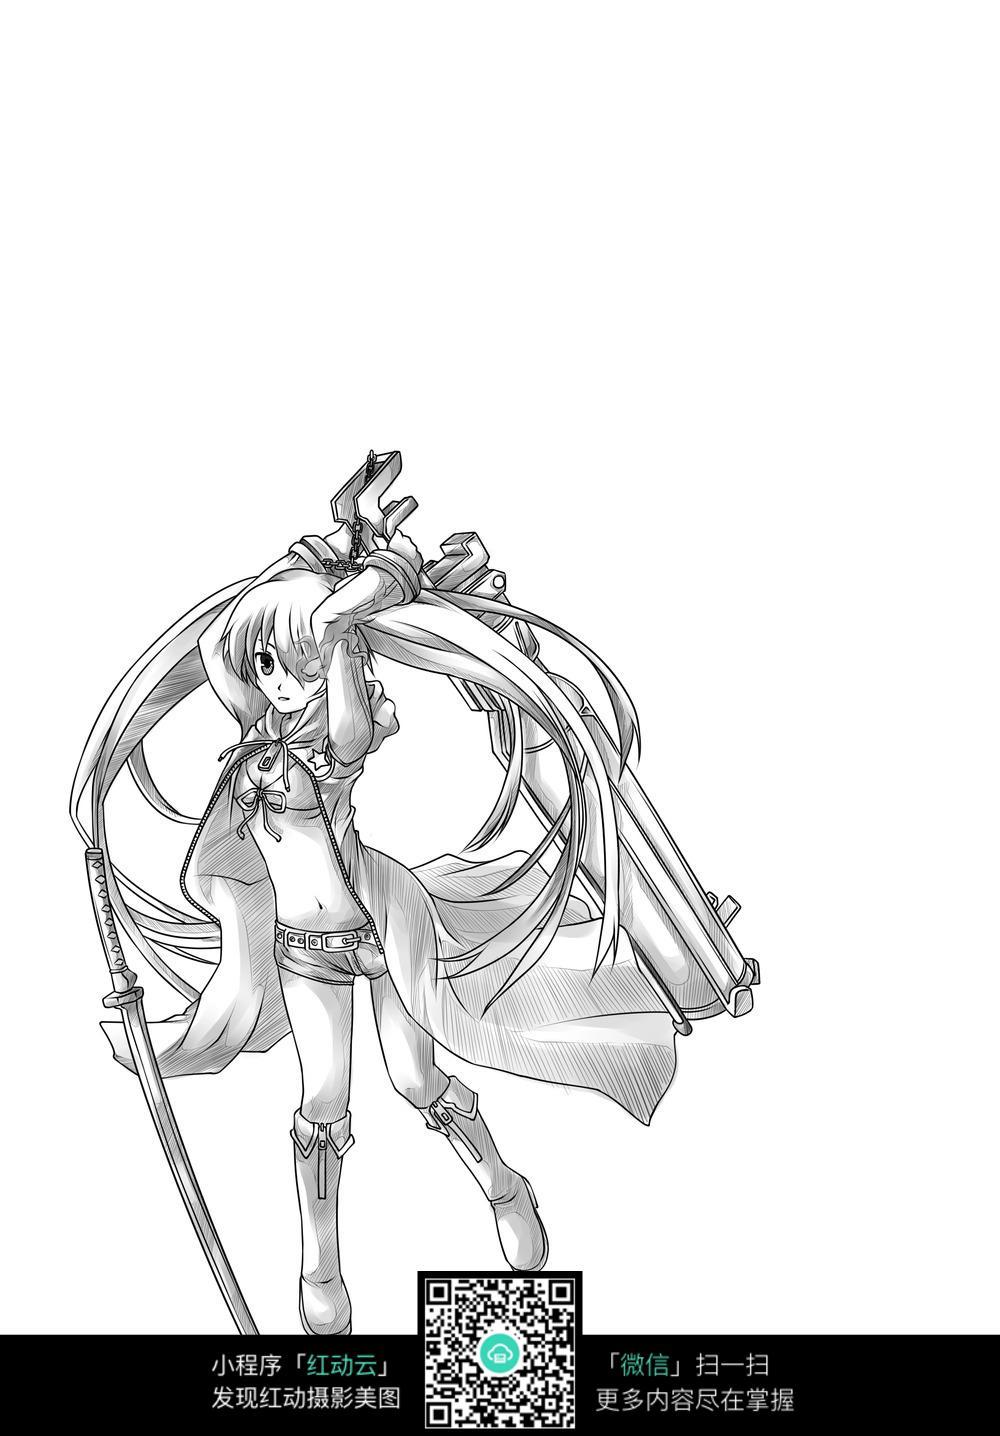 免费素材 图片素材 漫画插画 人物卡通 游戏中的美少女战士